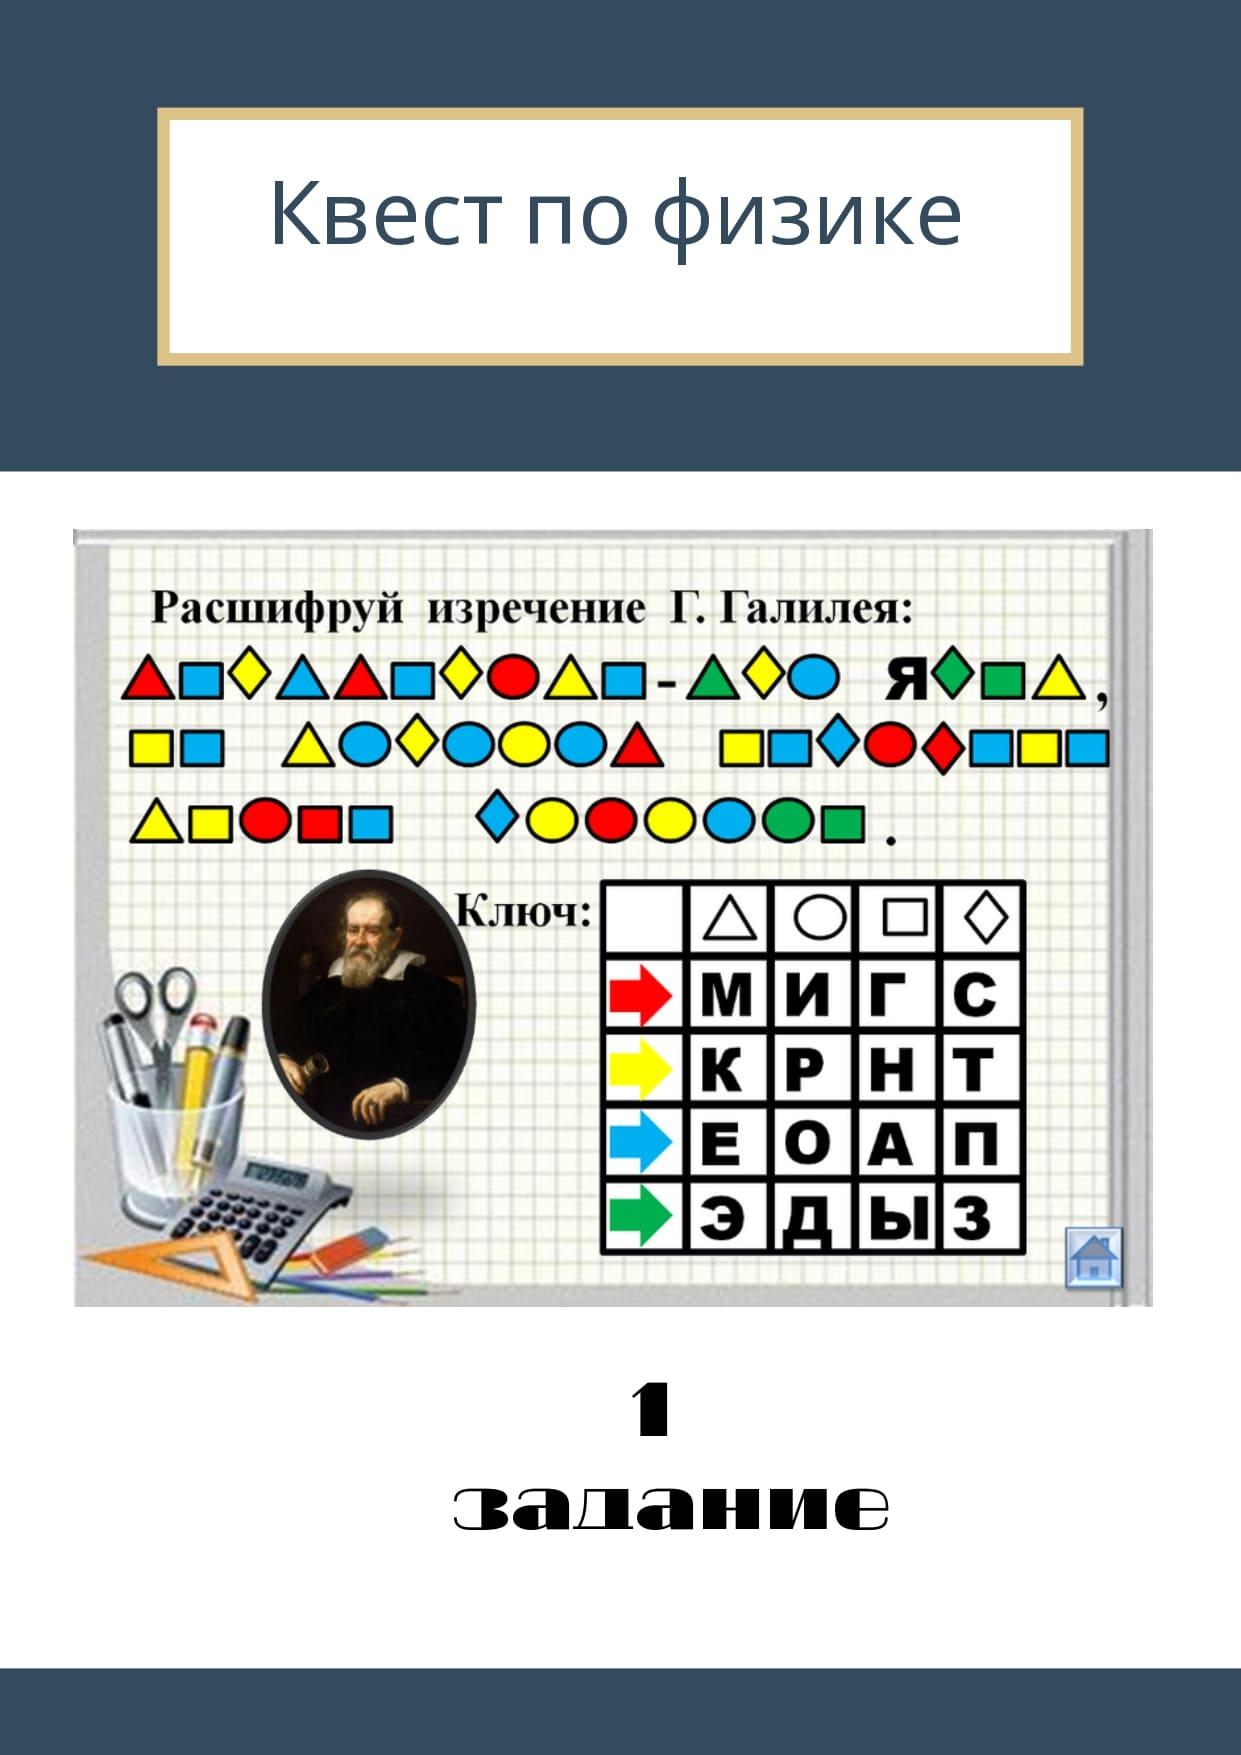 квест по физике задание 1